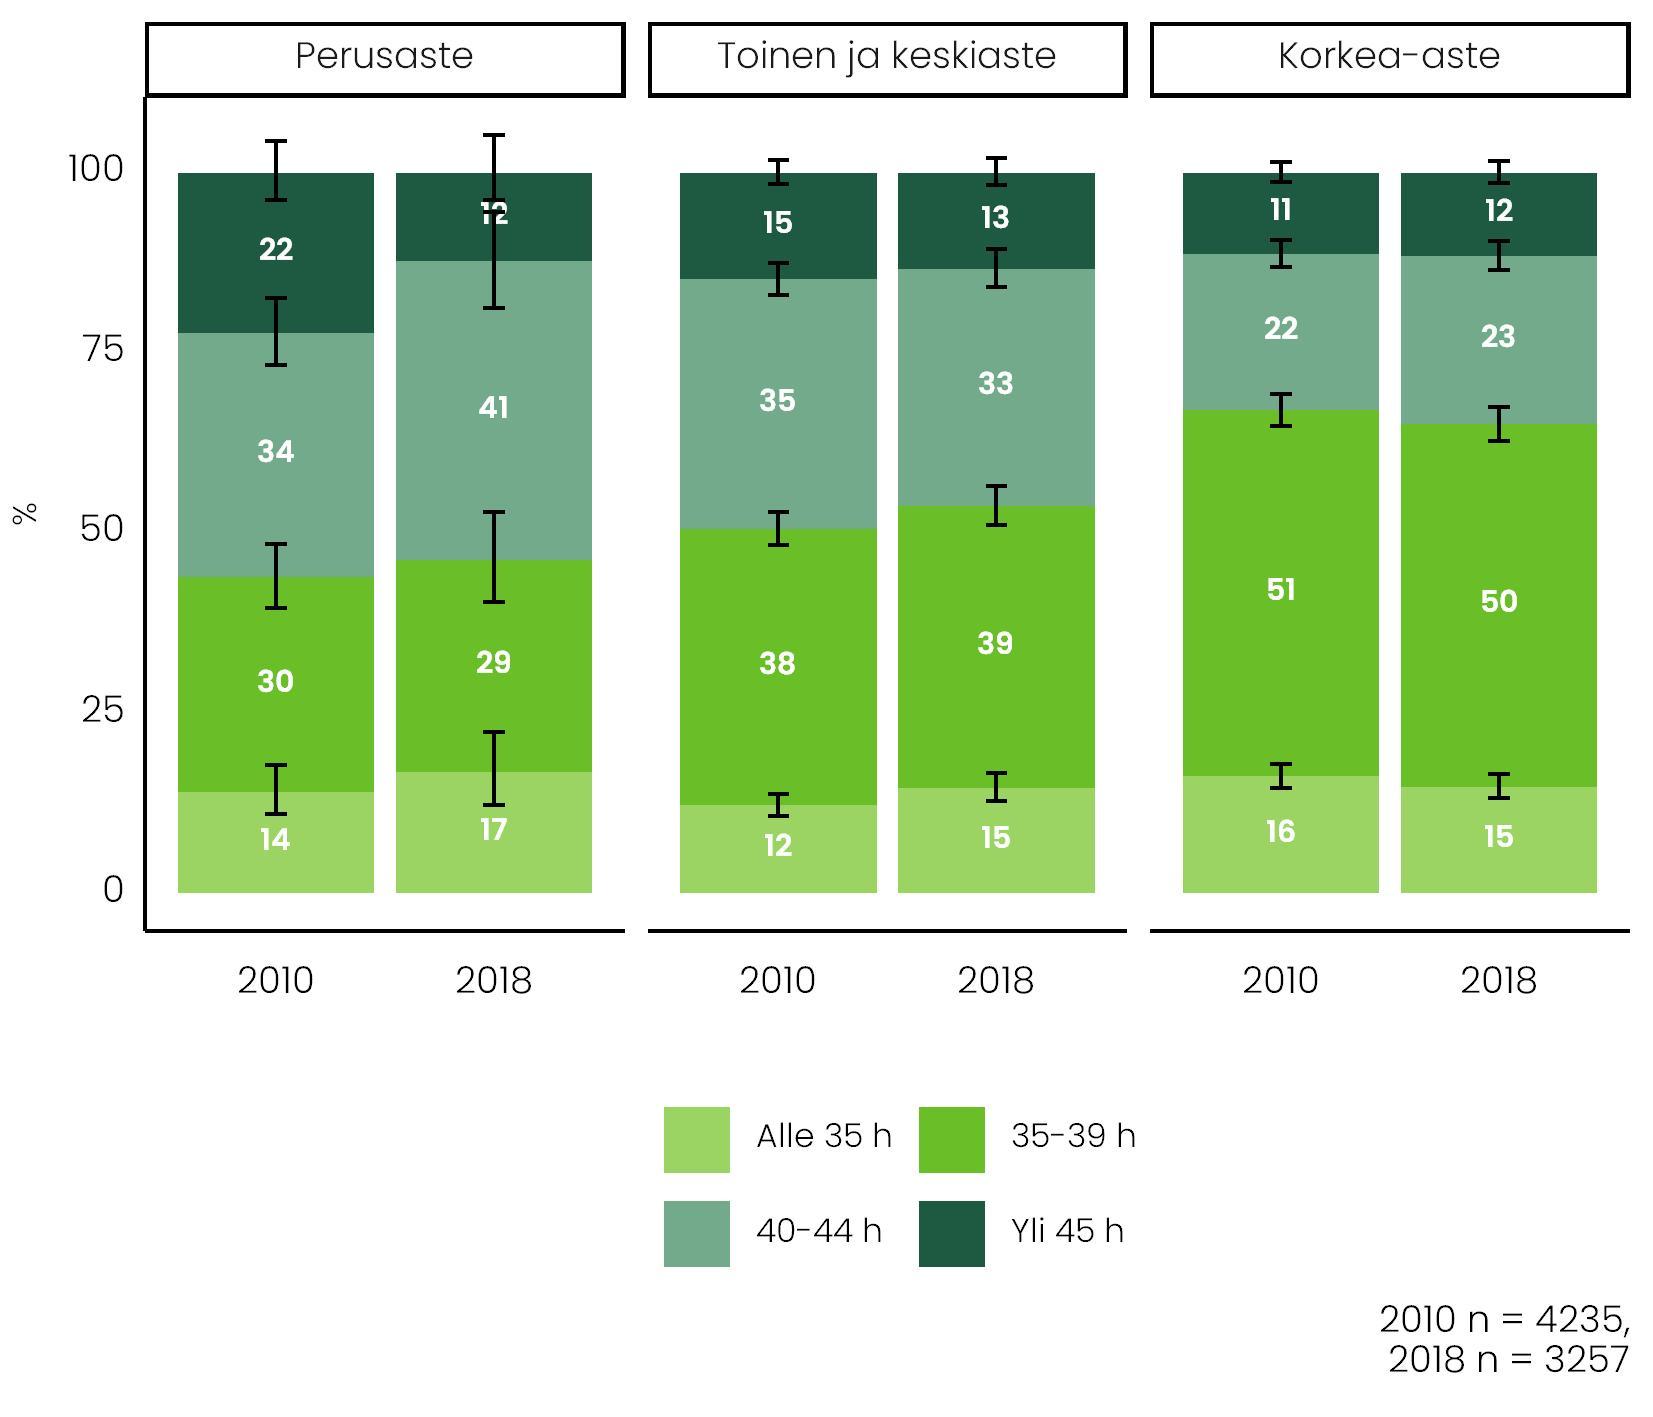 Vertailussa on koulutusluokkien viikkotyöajat vuosina 2010 ja 2018 työllisten lapsiperheiden vanhempien keskuudessa. Tiedot tekstissä.